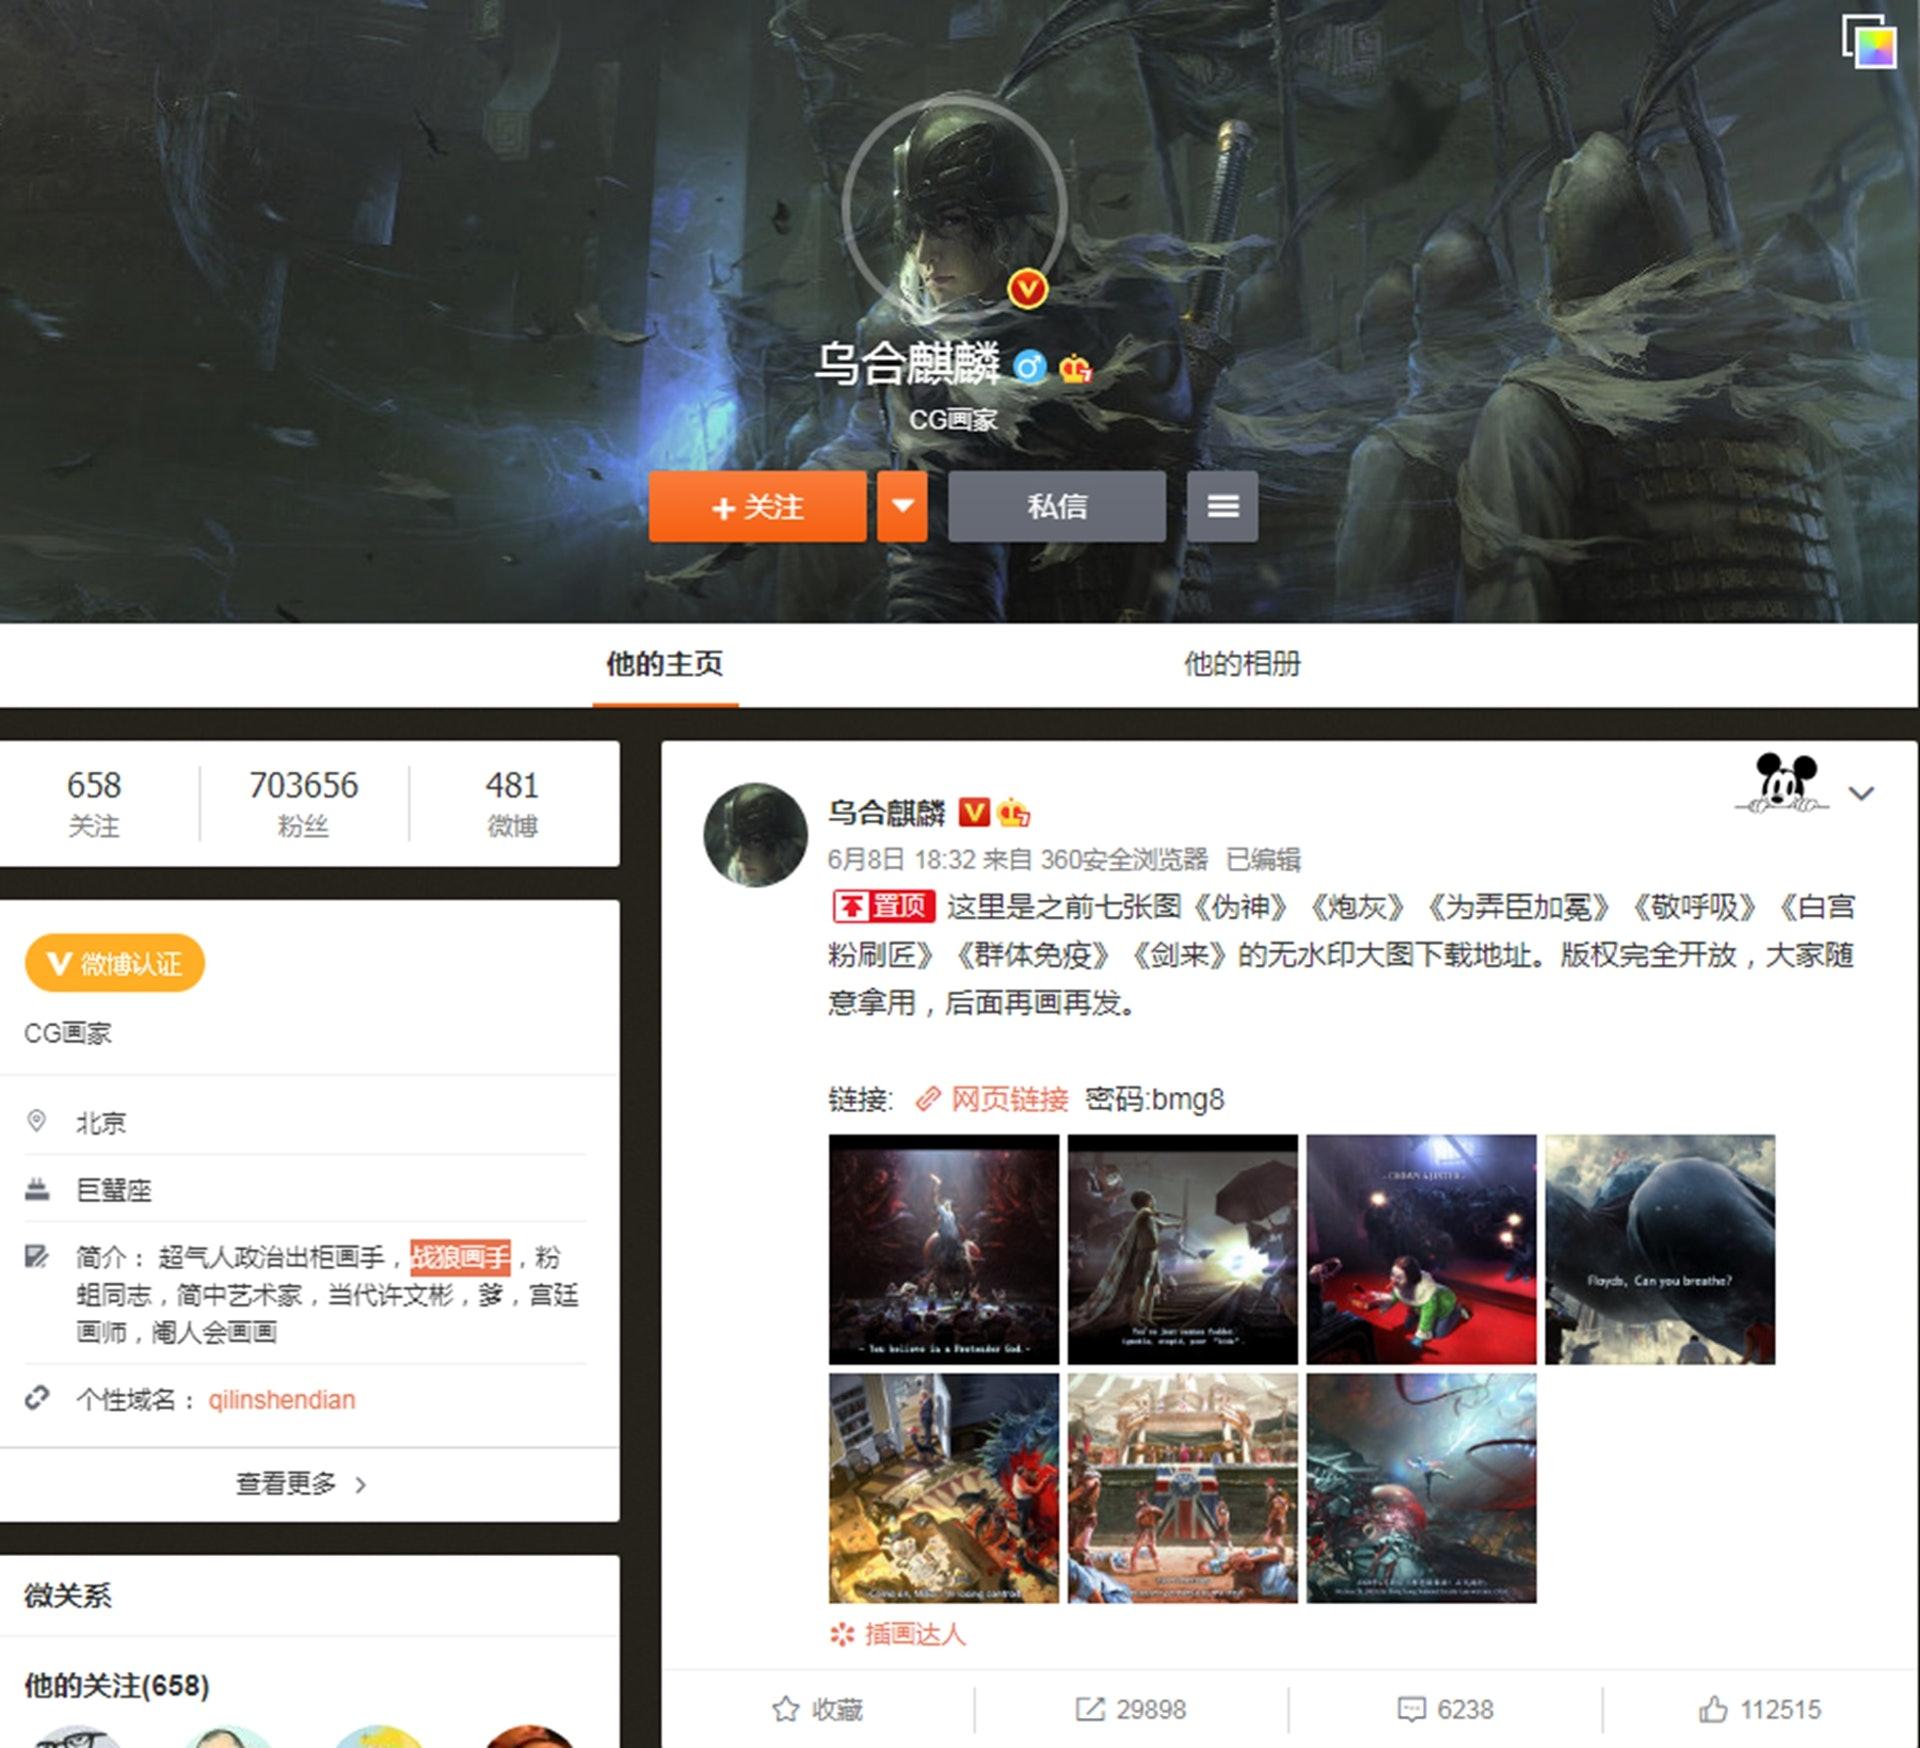 微博名為「烏合麒麟」的網友的作品基本都是時政類的。(烏合麒麟微博截圖)